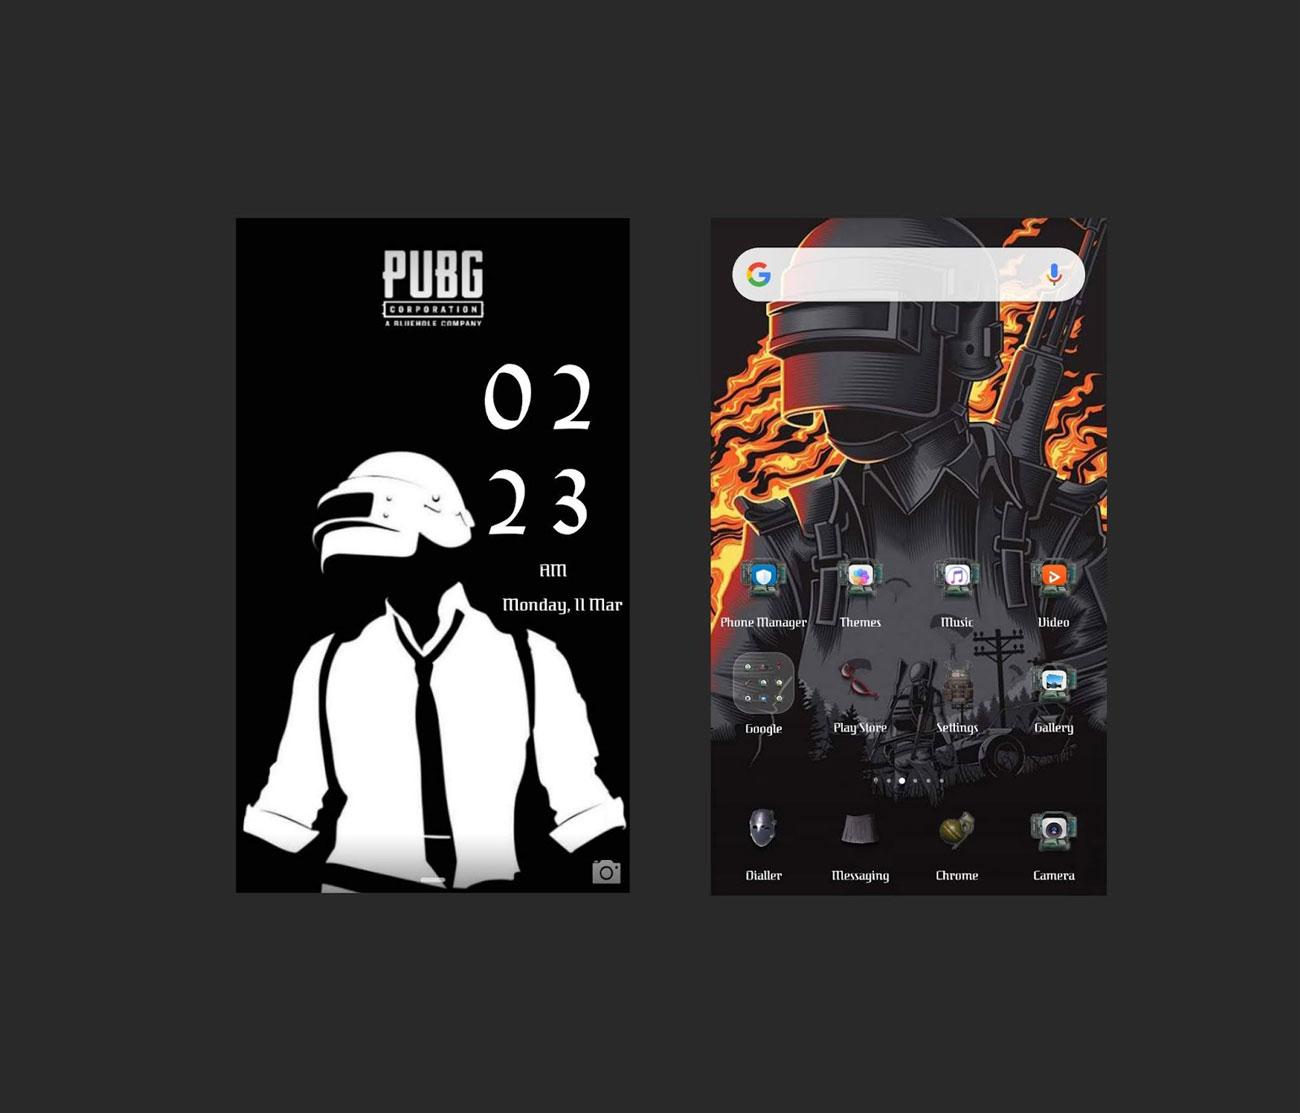 PUBG Themes